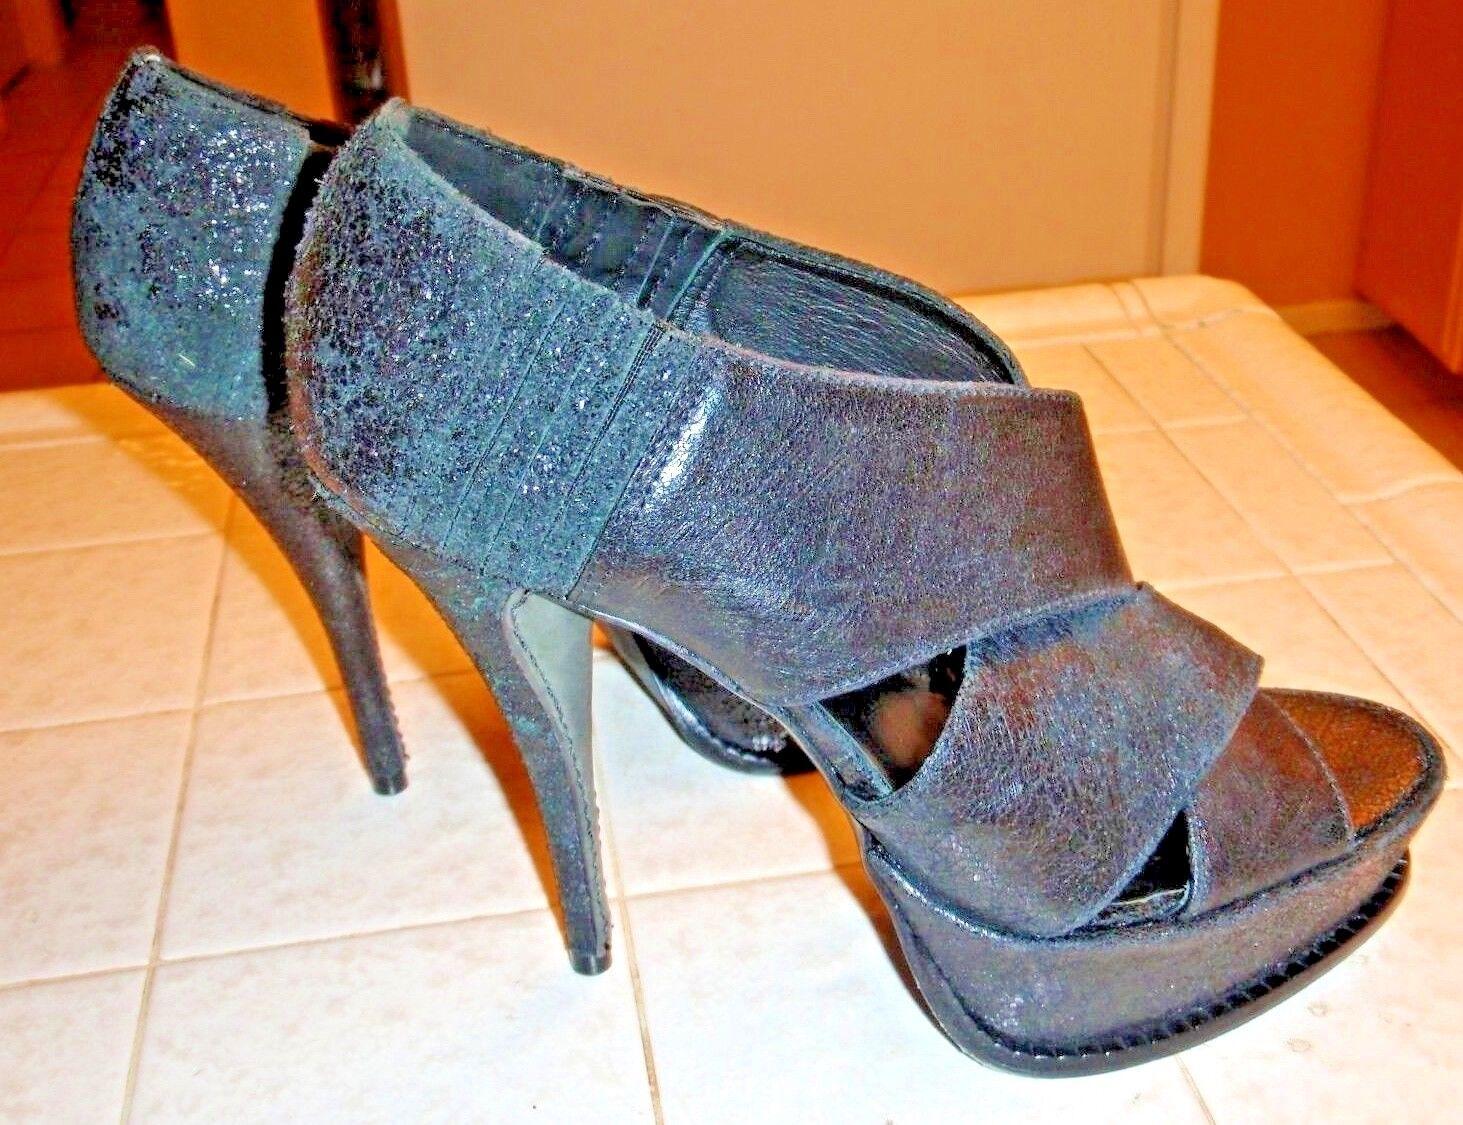 Elizabeth & James 9 E-Milla Distressed Leather Platform Sandals Größe 9 James .5  340 New 23a8c4